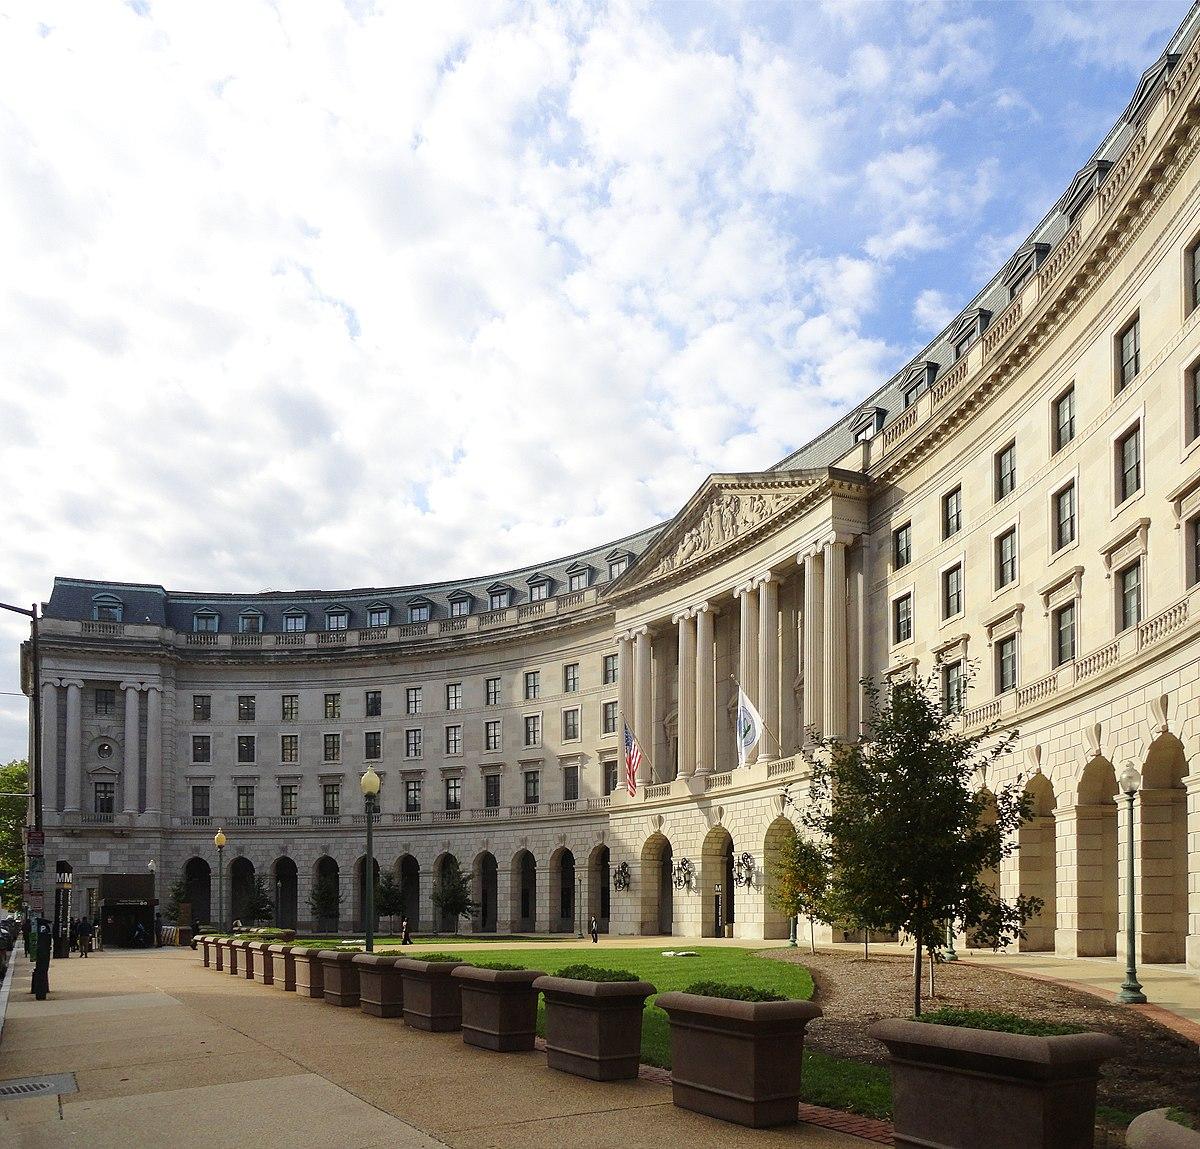 William Jefferson Clinton Federal Building - Wikipedia